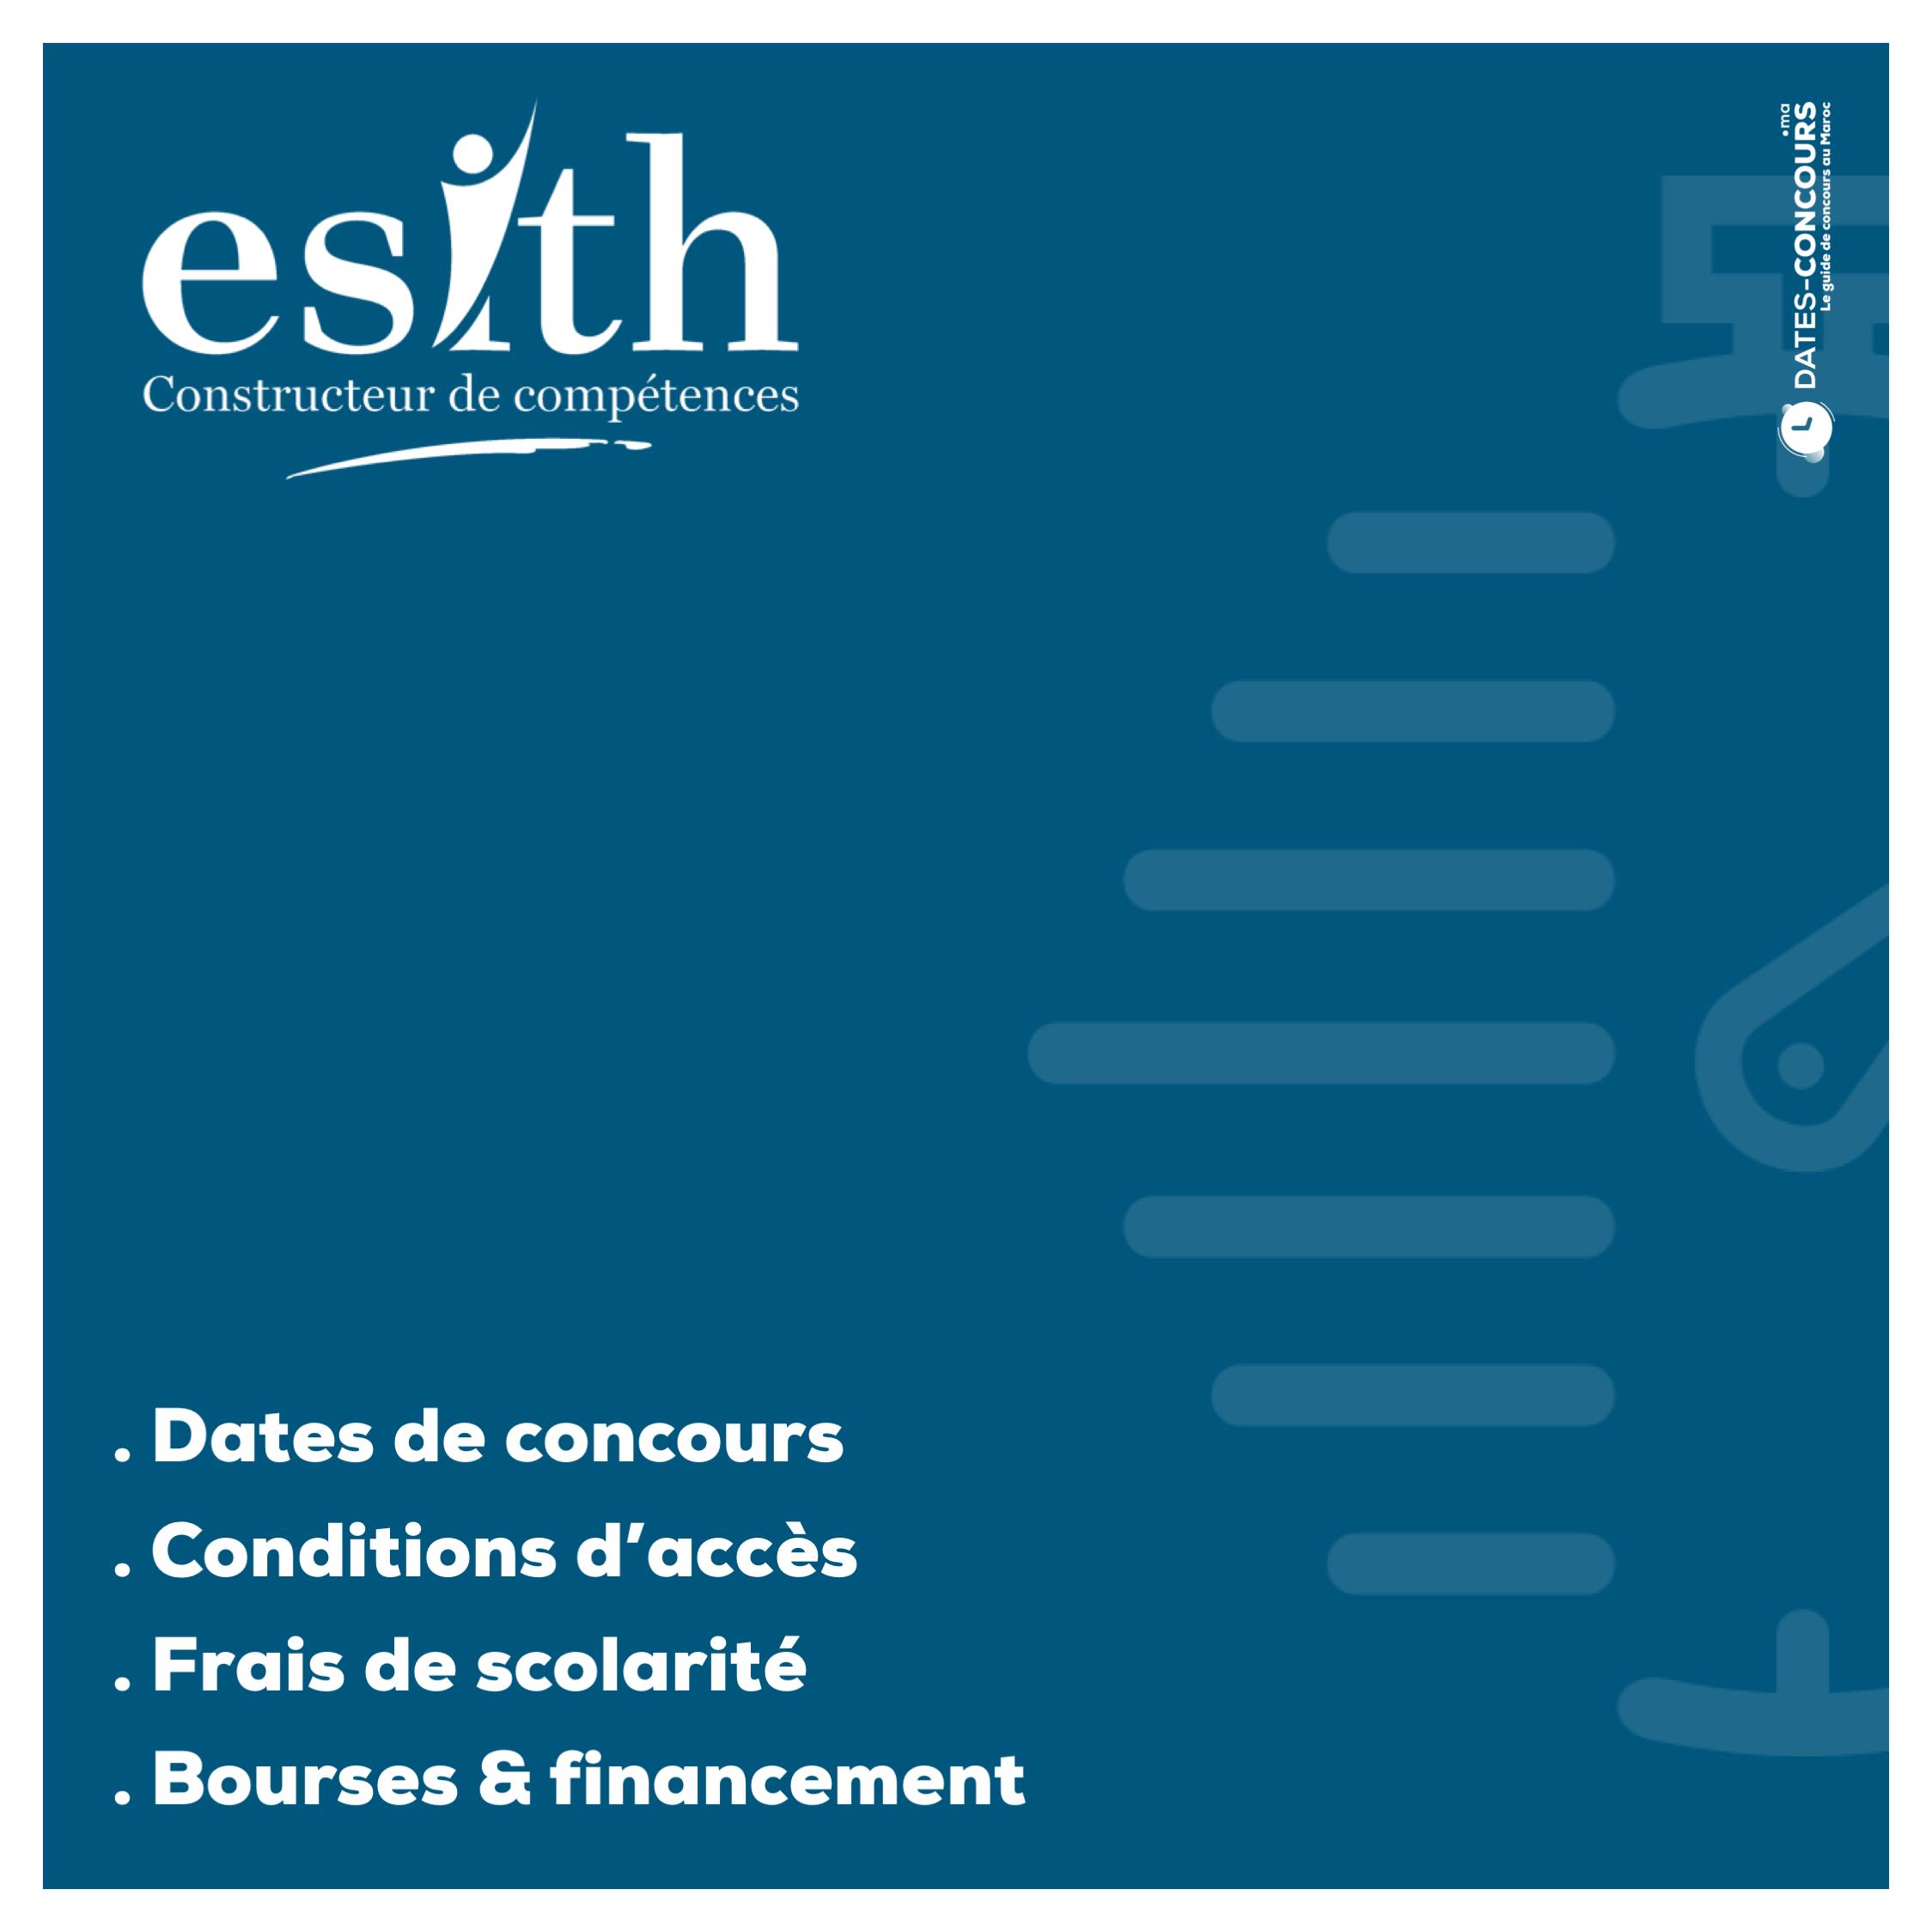 Concours ESITH : Dates de Concours au Maroc I Dates-concours.ma